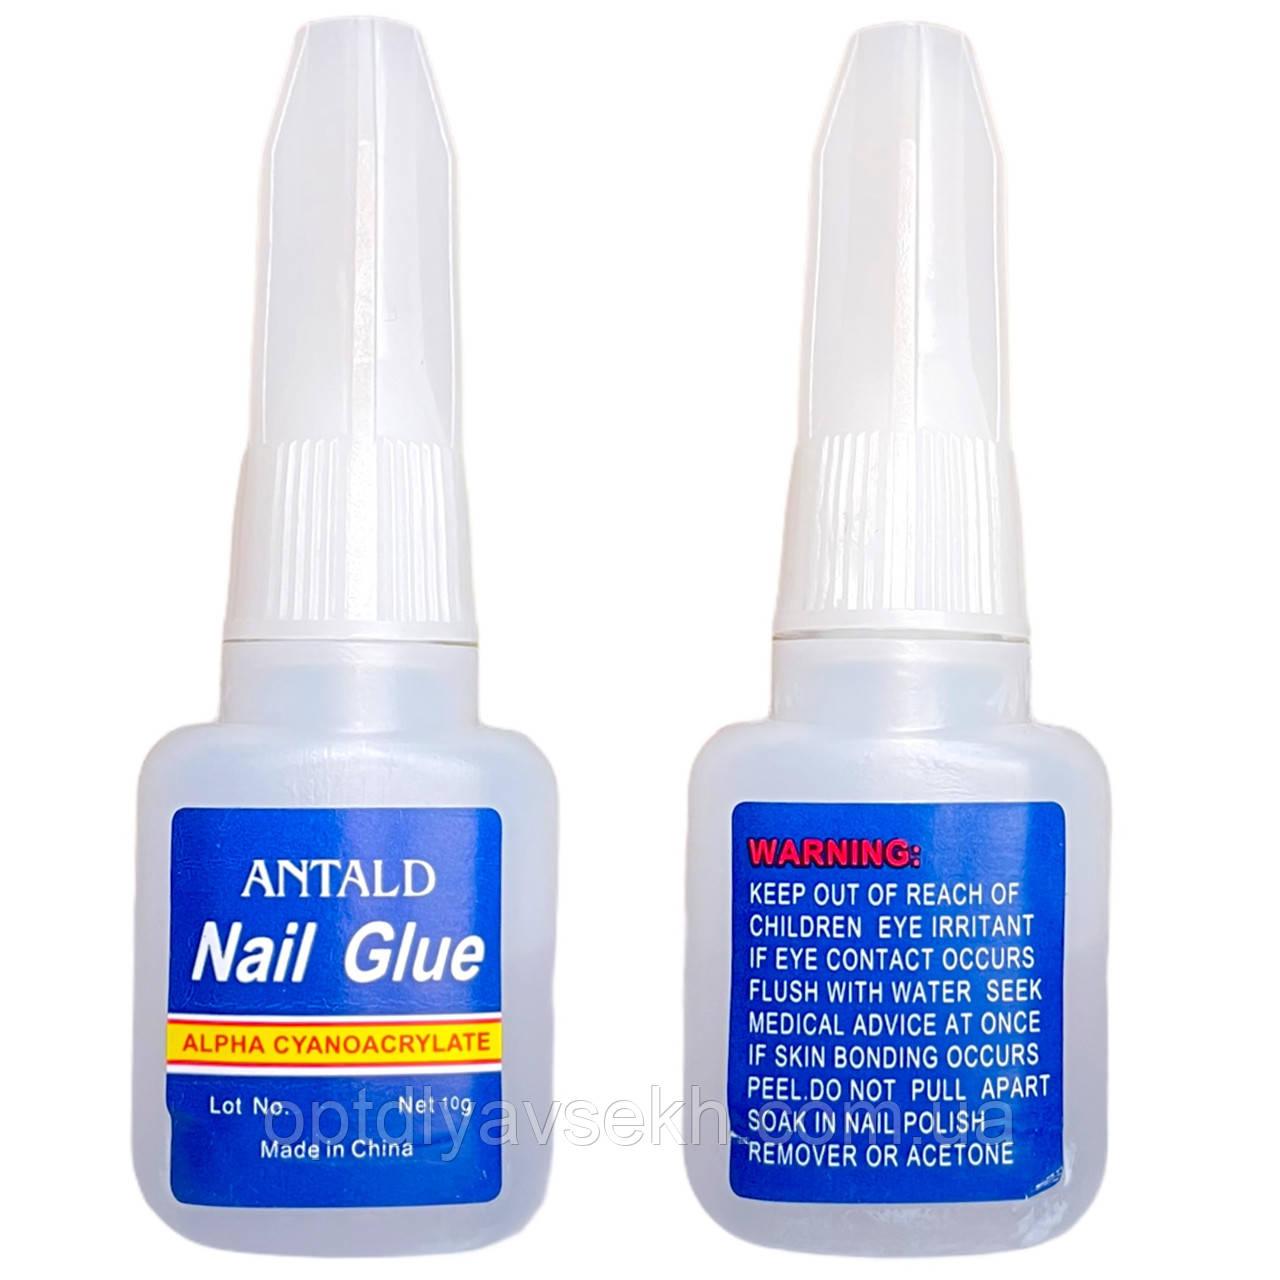 Клей для накладних нігтів (тіпсів) ANTALD Nail Glue, 10 р.